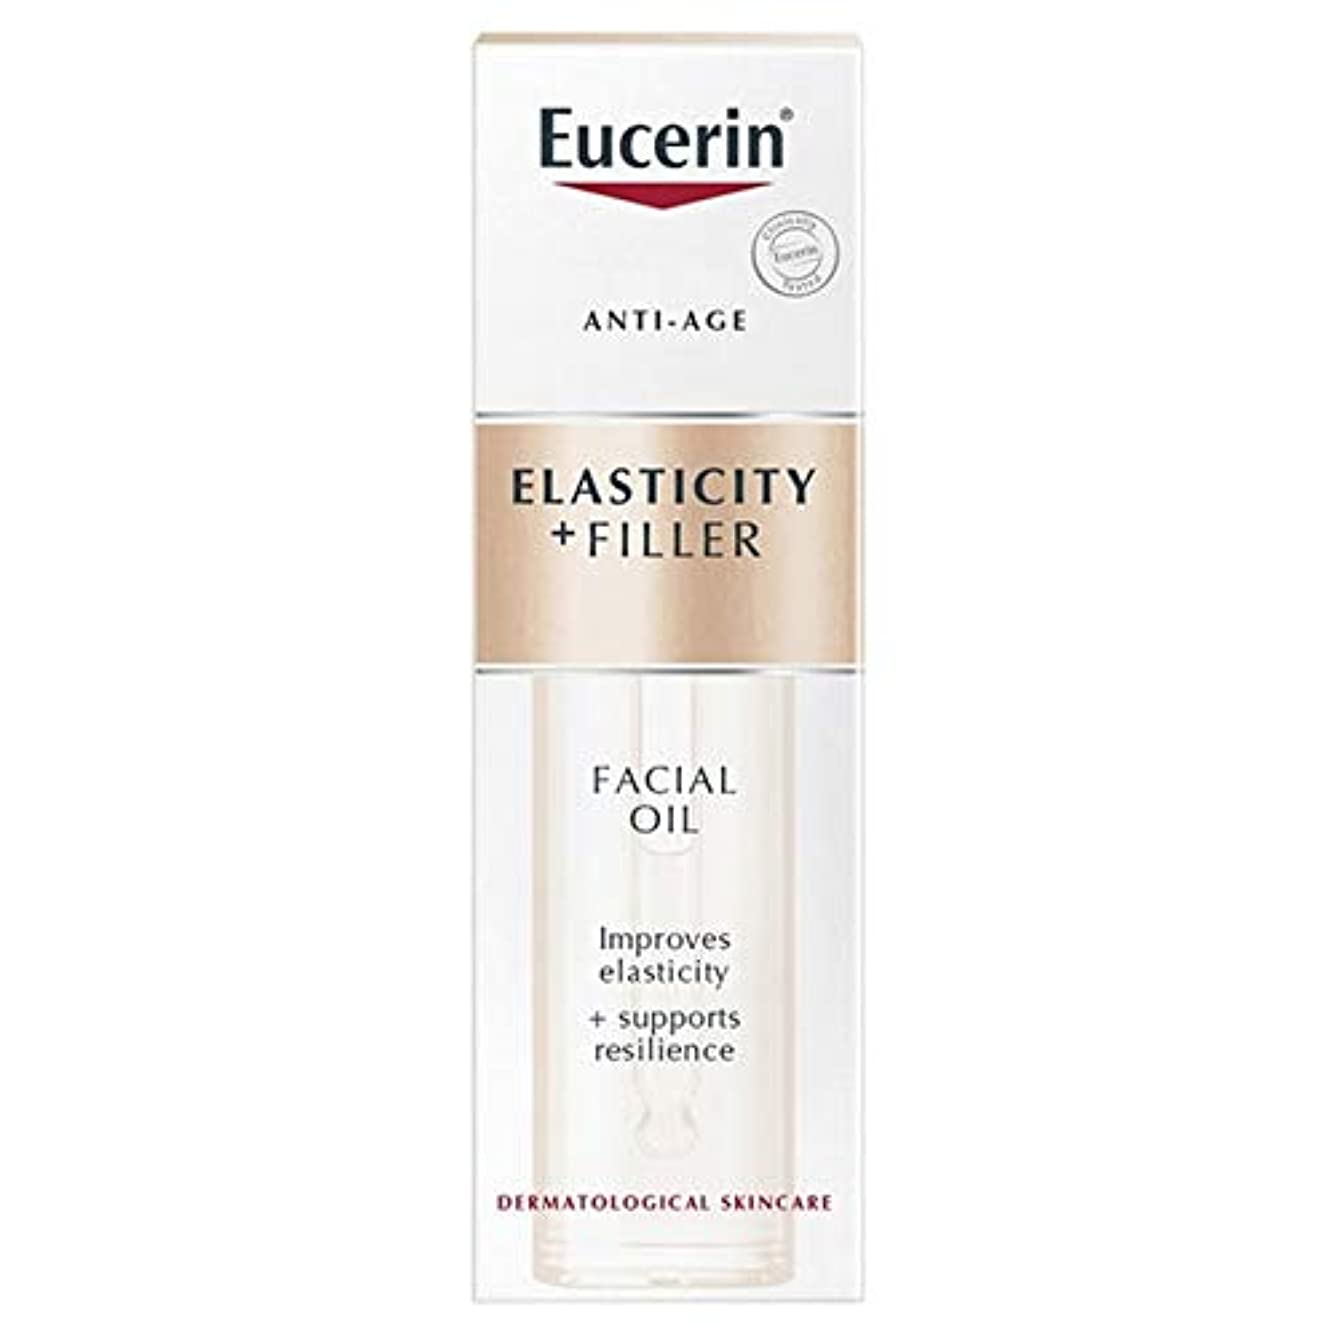 乳白スキャンダラスメンタリティ[Eucerin ] ユーセリン抗年齢の弾力+フィラーフェイシャルオイル30ミリリットル - Eucerin Anti-Age Elasticity + Filler Facial Oil 30ml [並行輸入品]